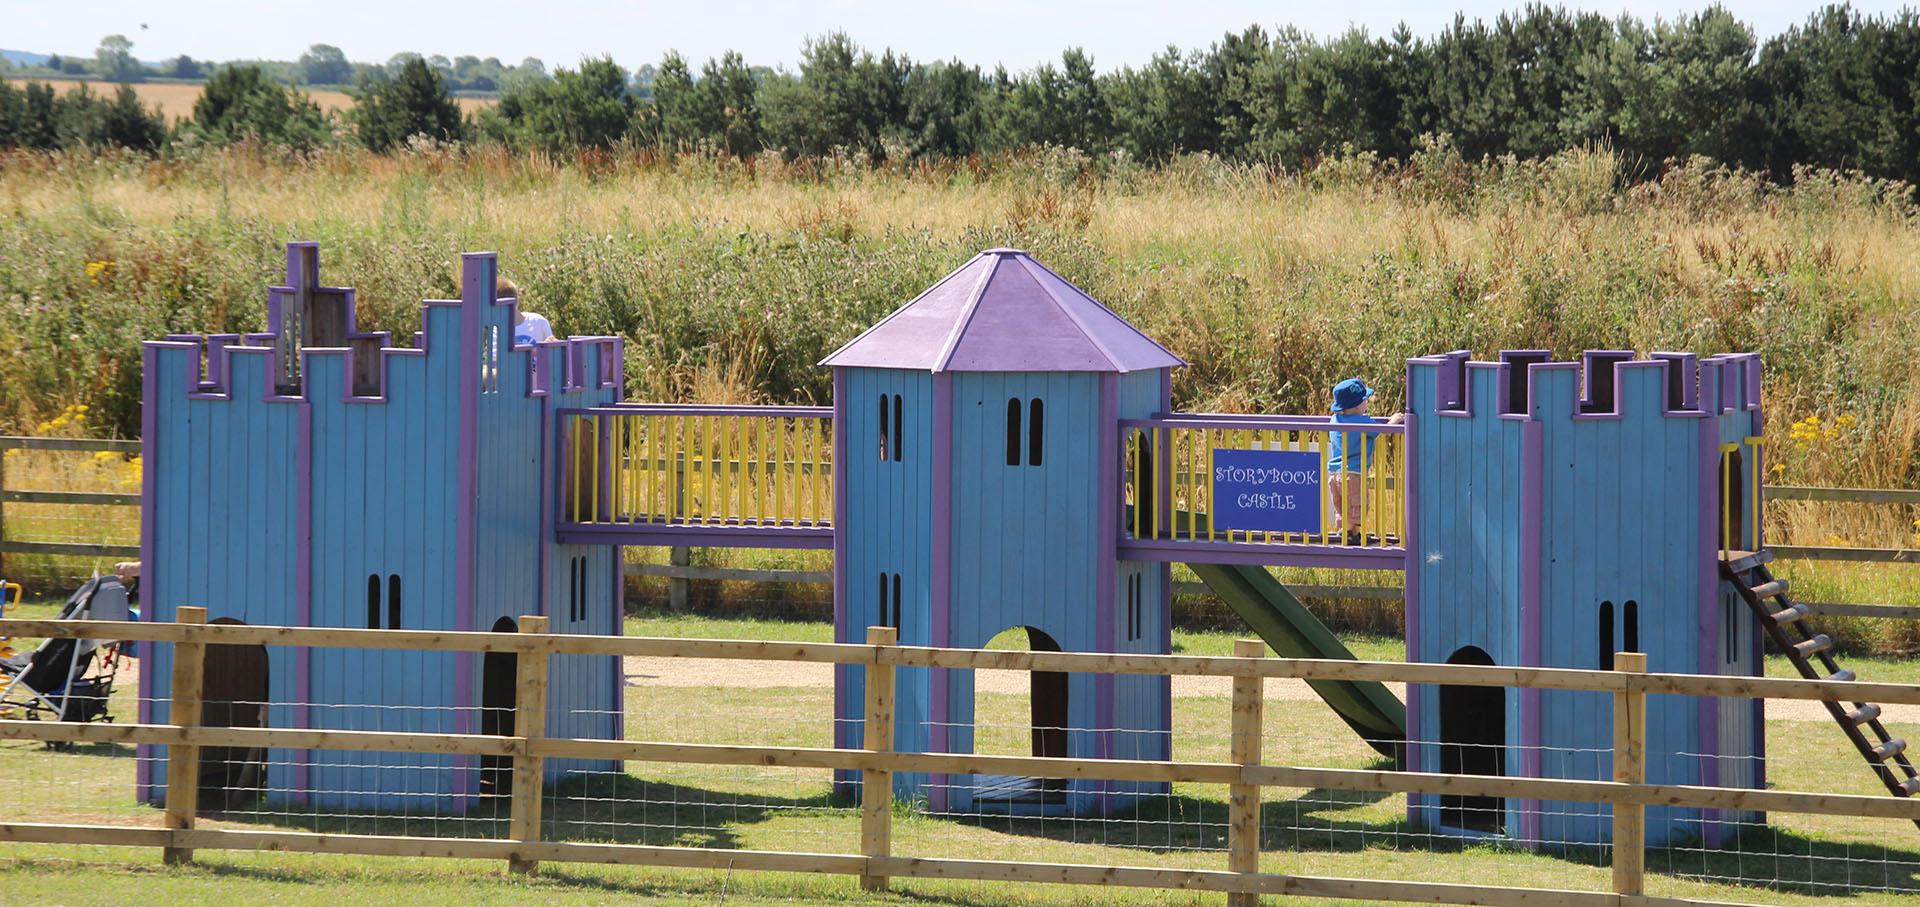 Fairytale Farm's main image